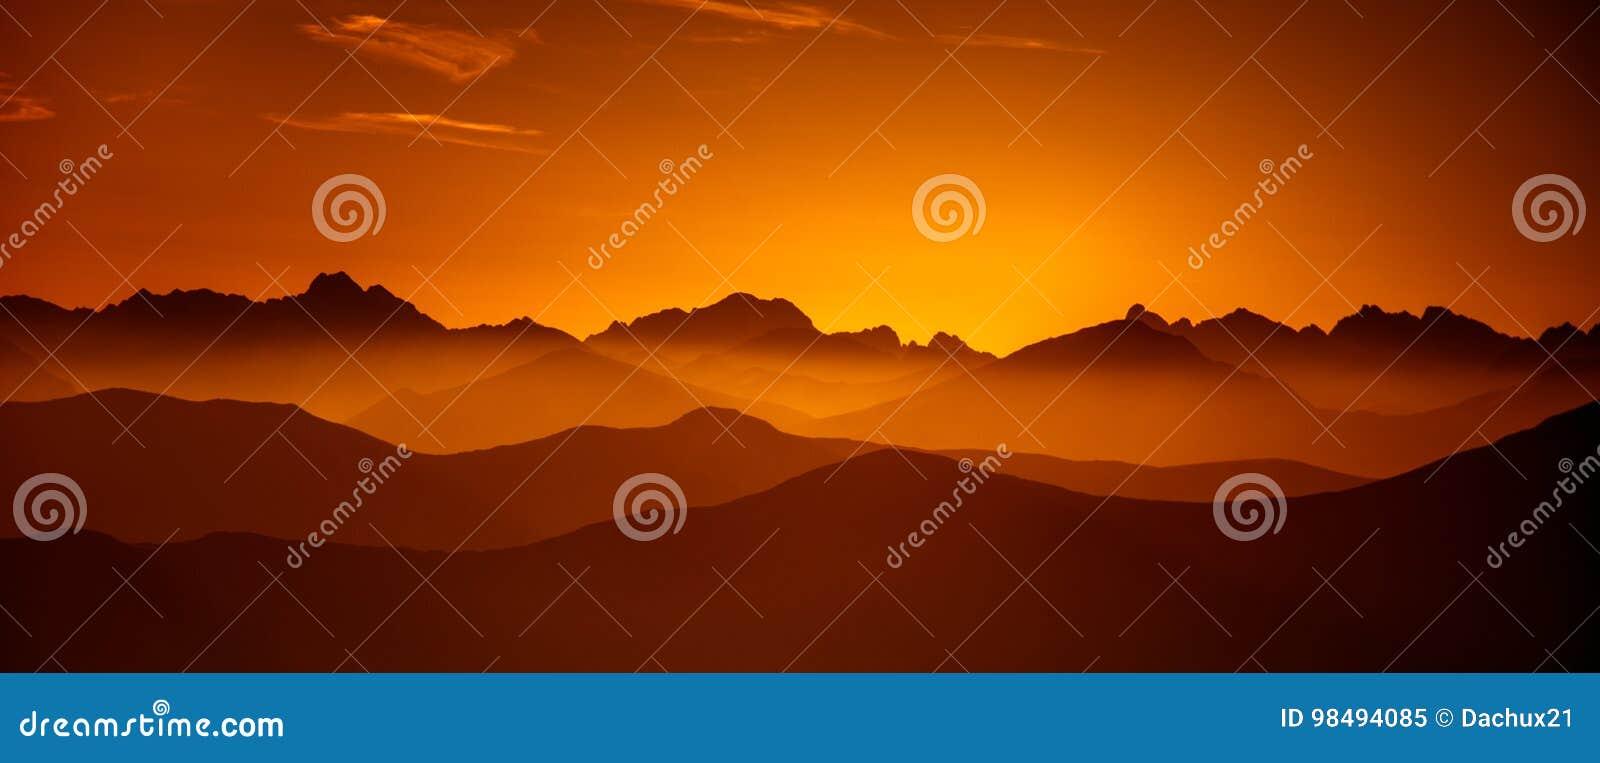 Une belle vue de perspective au-dessus des montagnes avec un gradient